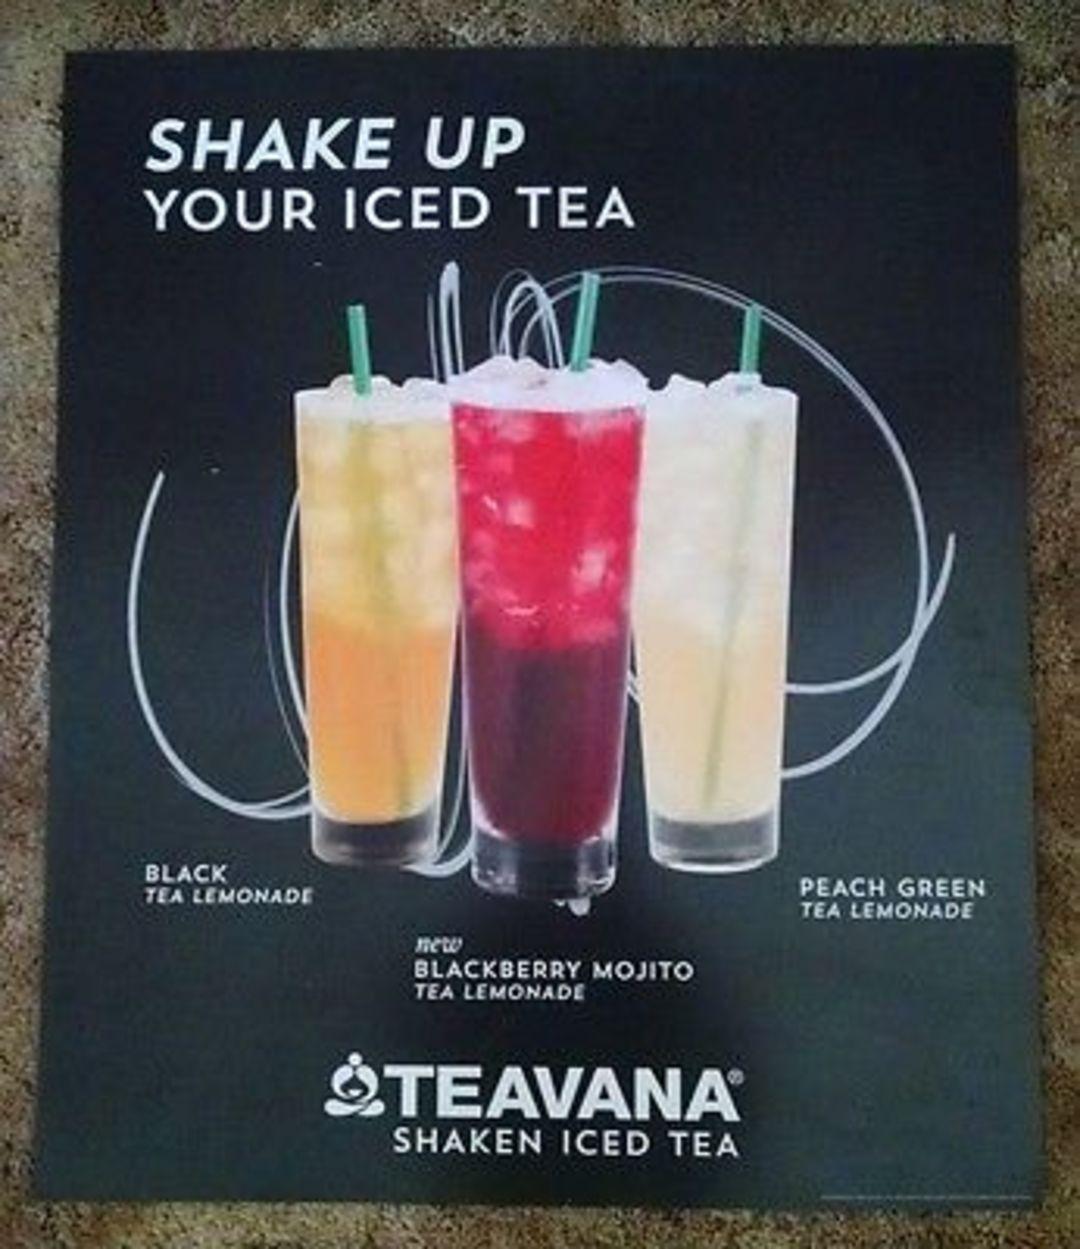 如何把茶像咖啡一样卖给年轻人?_商业_好奇心日报